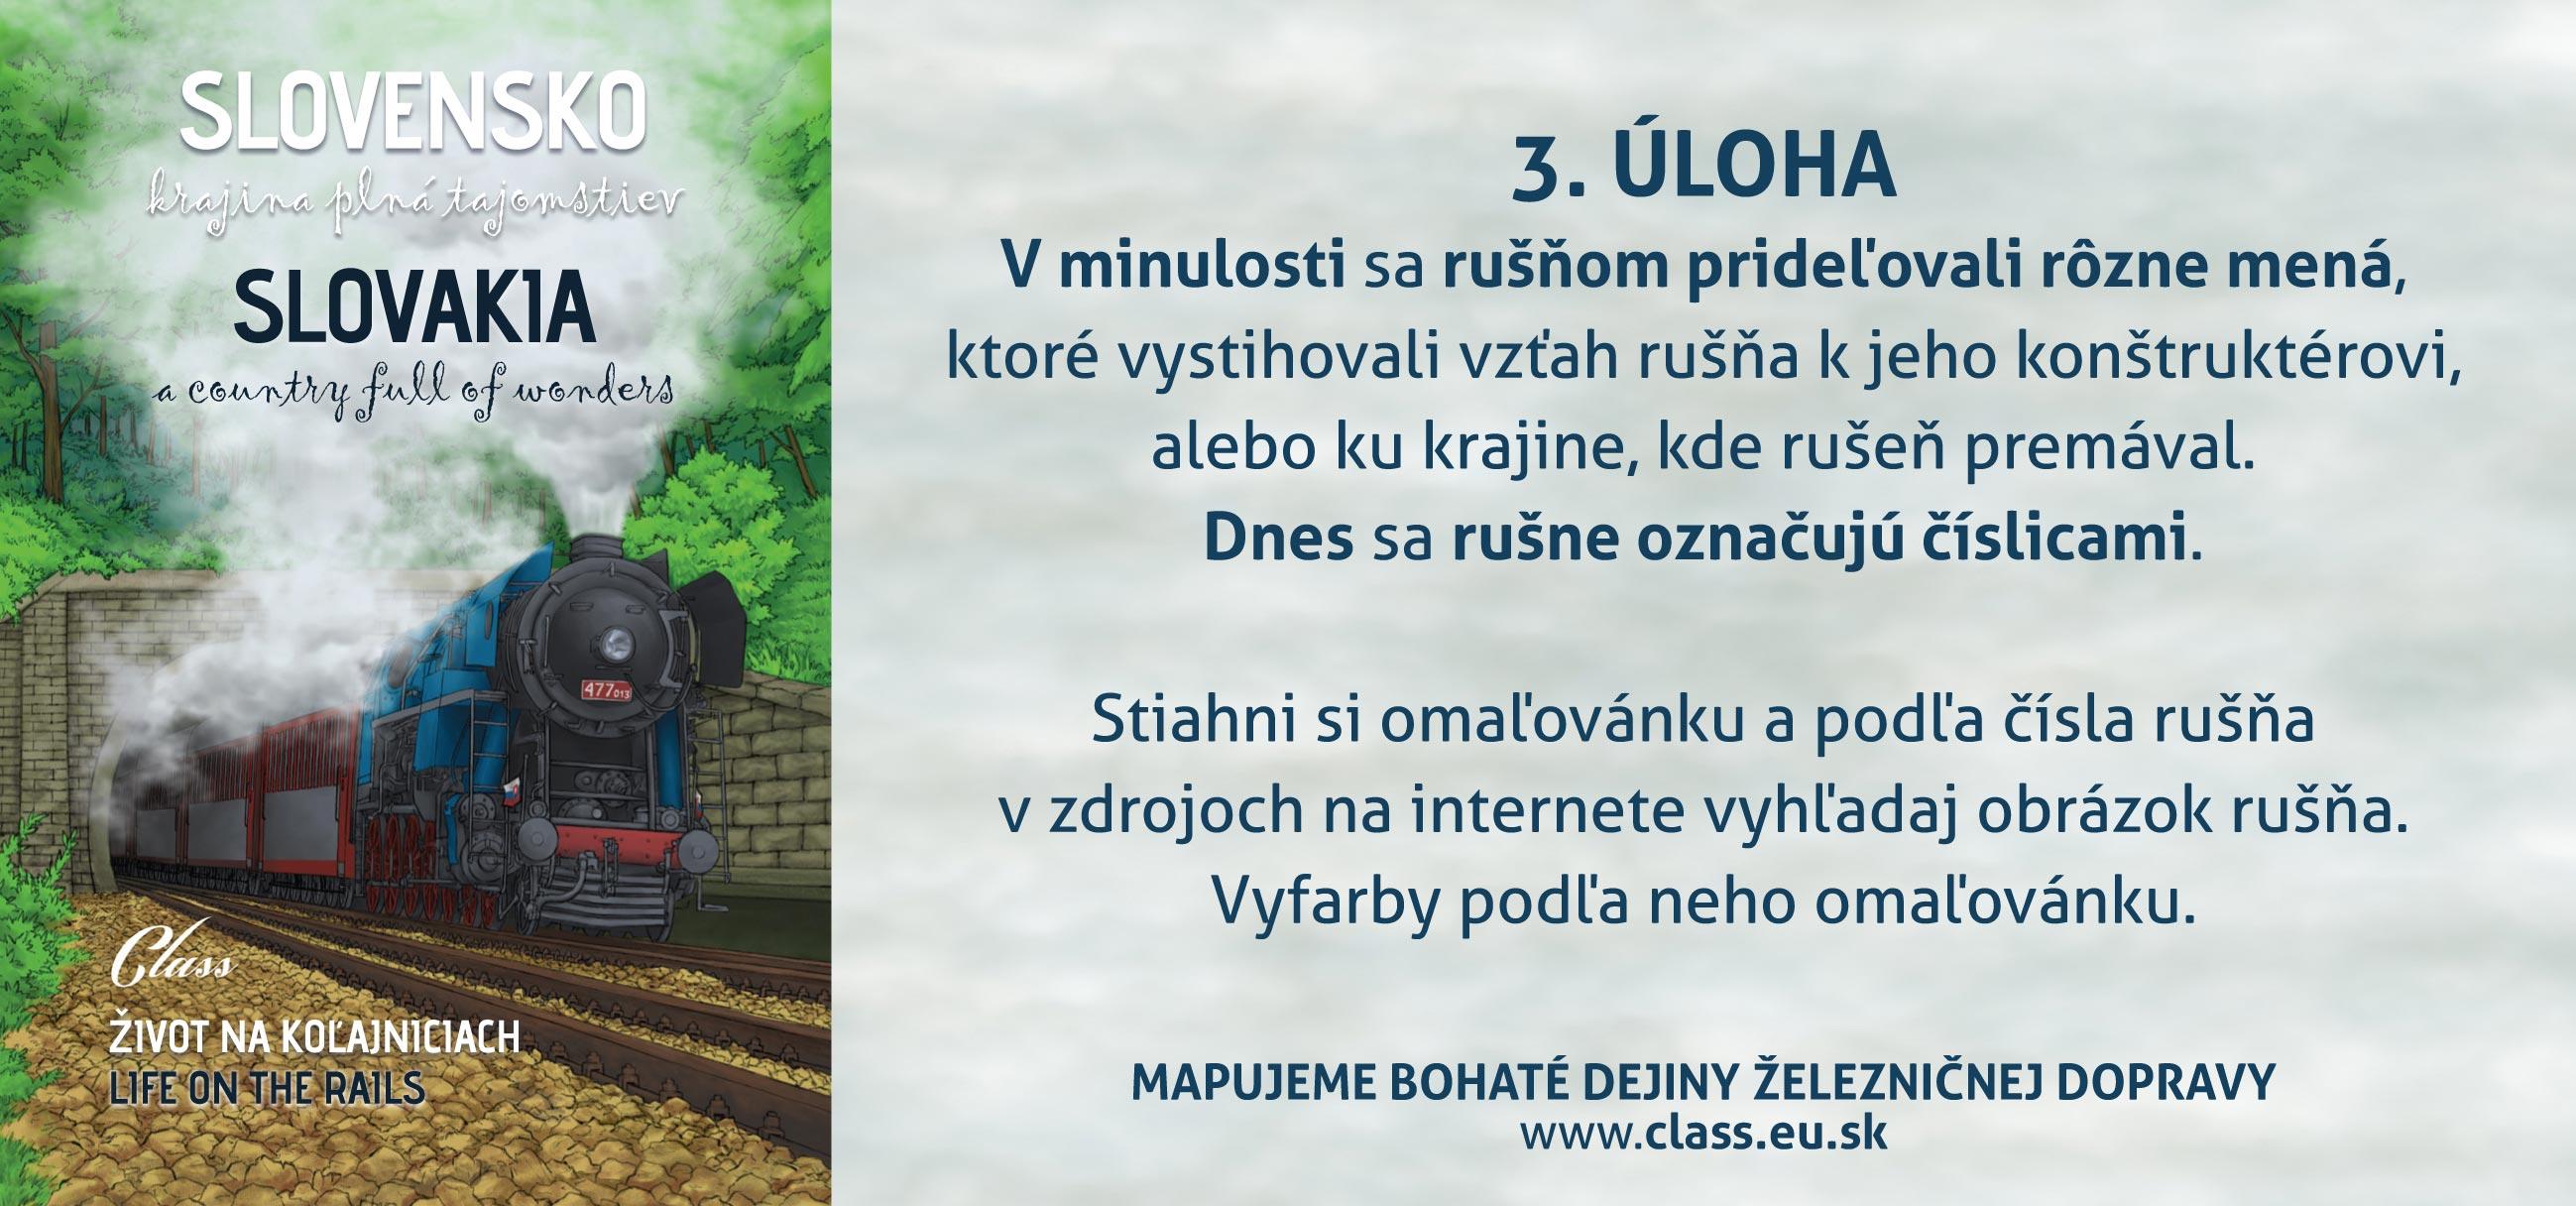 vlaky_uloha_3s